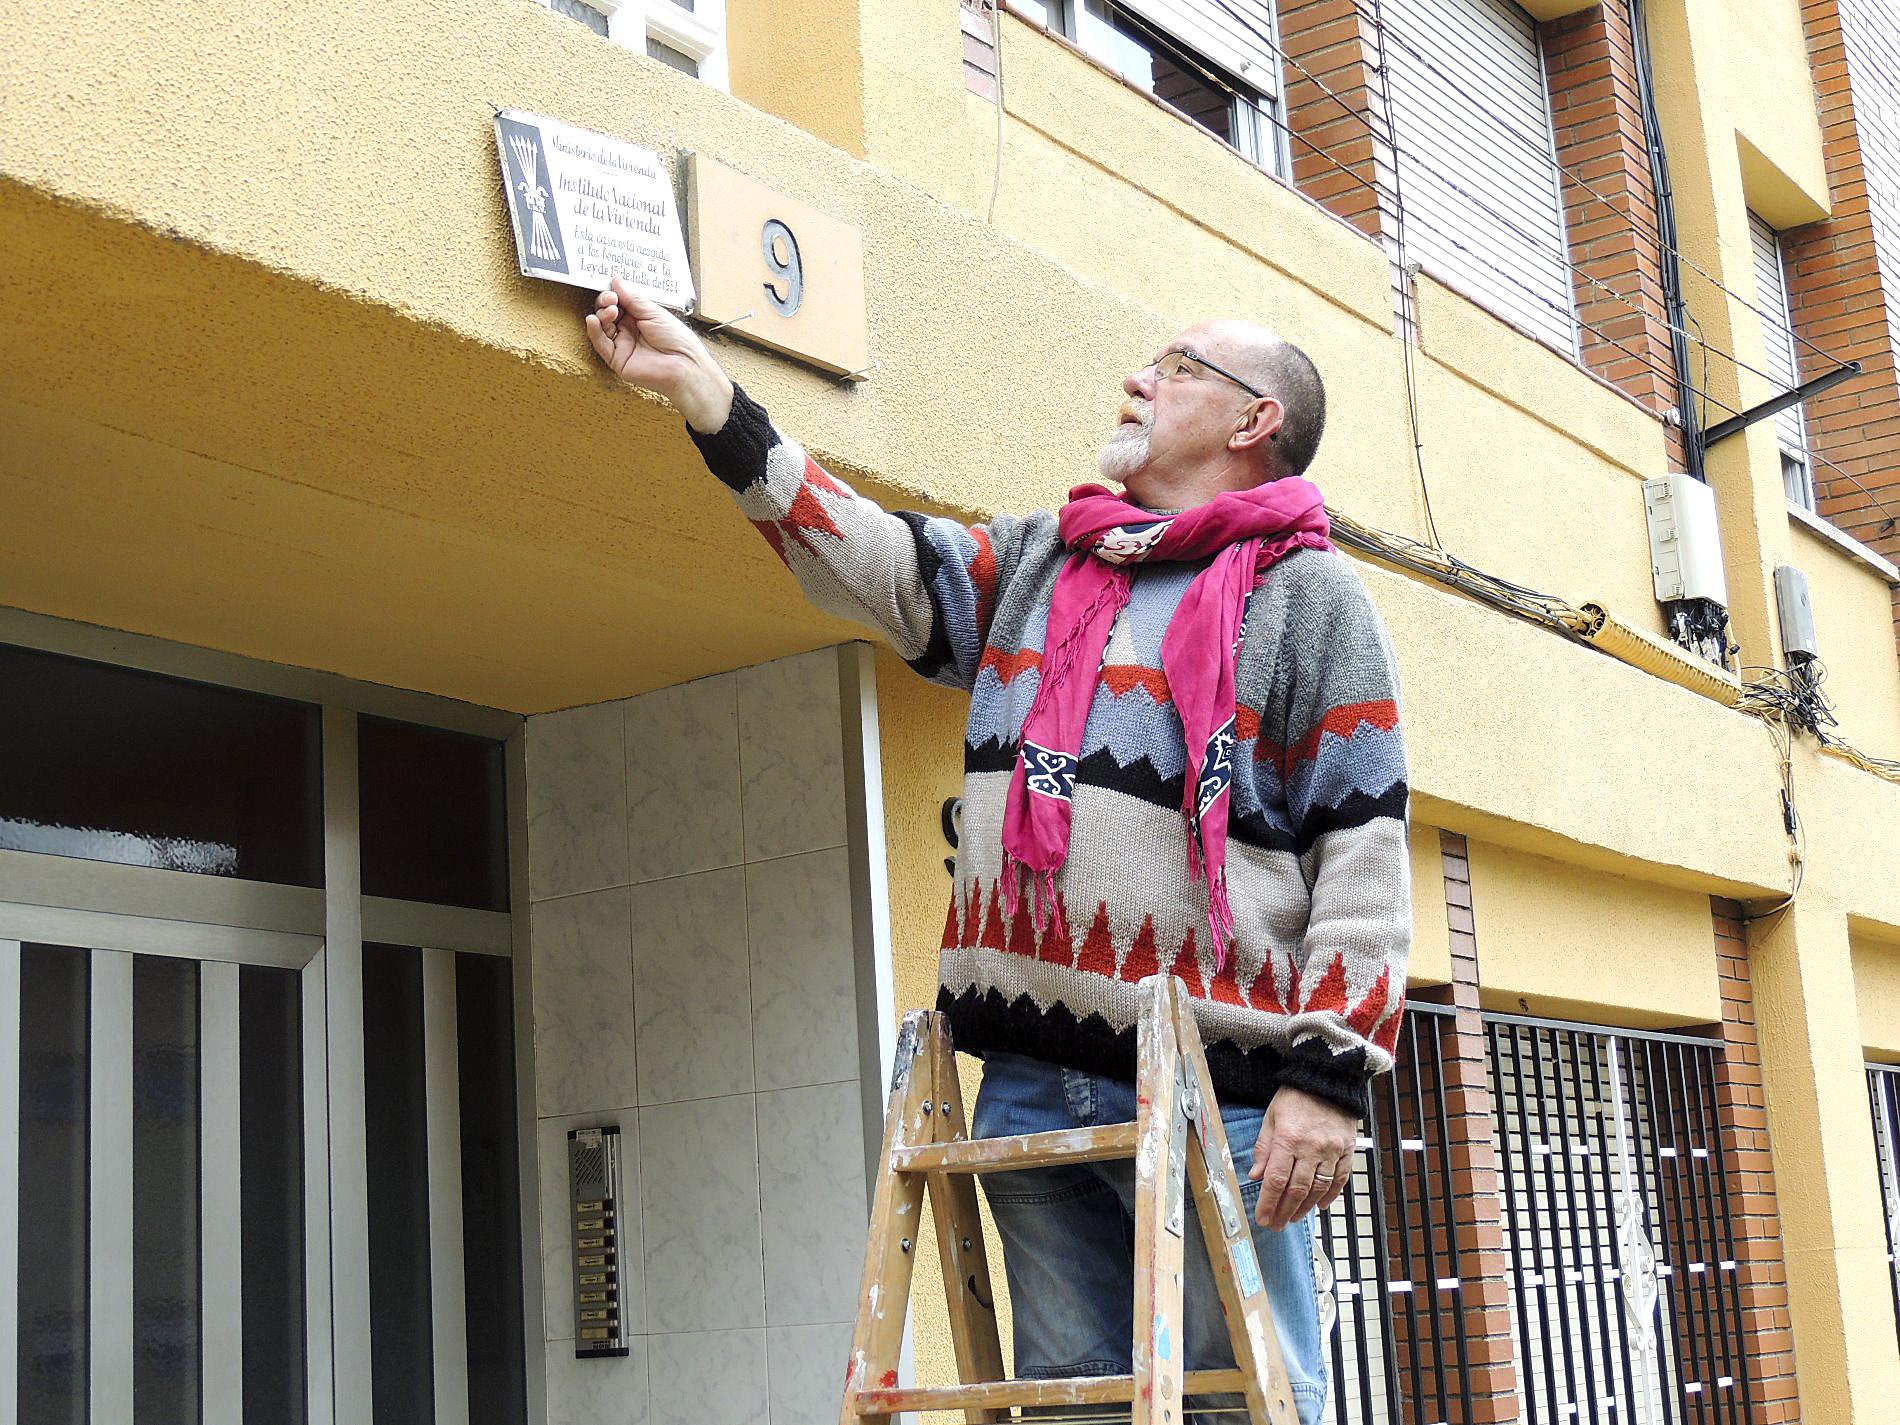 Serra despenja una de les plaques franquistes